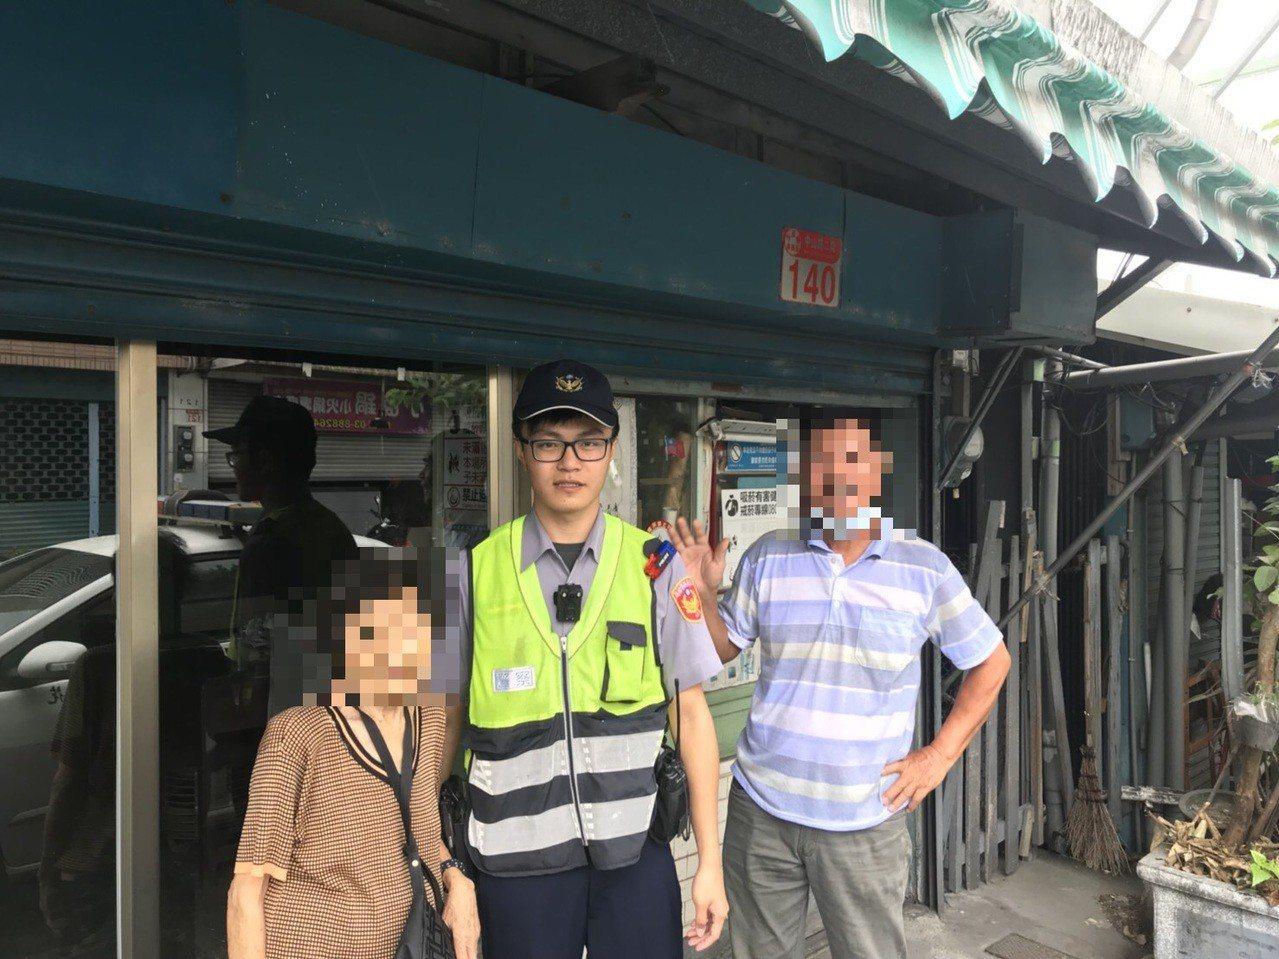 花蓮玉里80歲魏婦雖有輕微失智,但在警方幫助下平安返家時,卻沒忘表達感謝之意。圖...